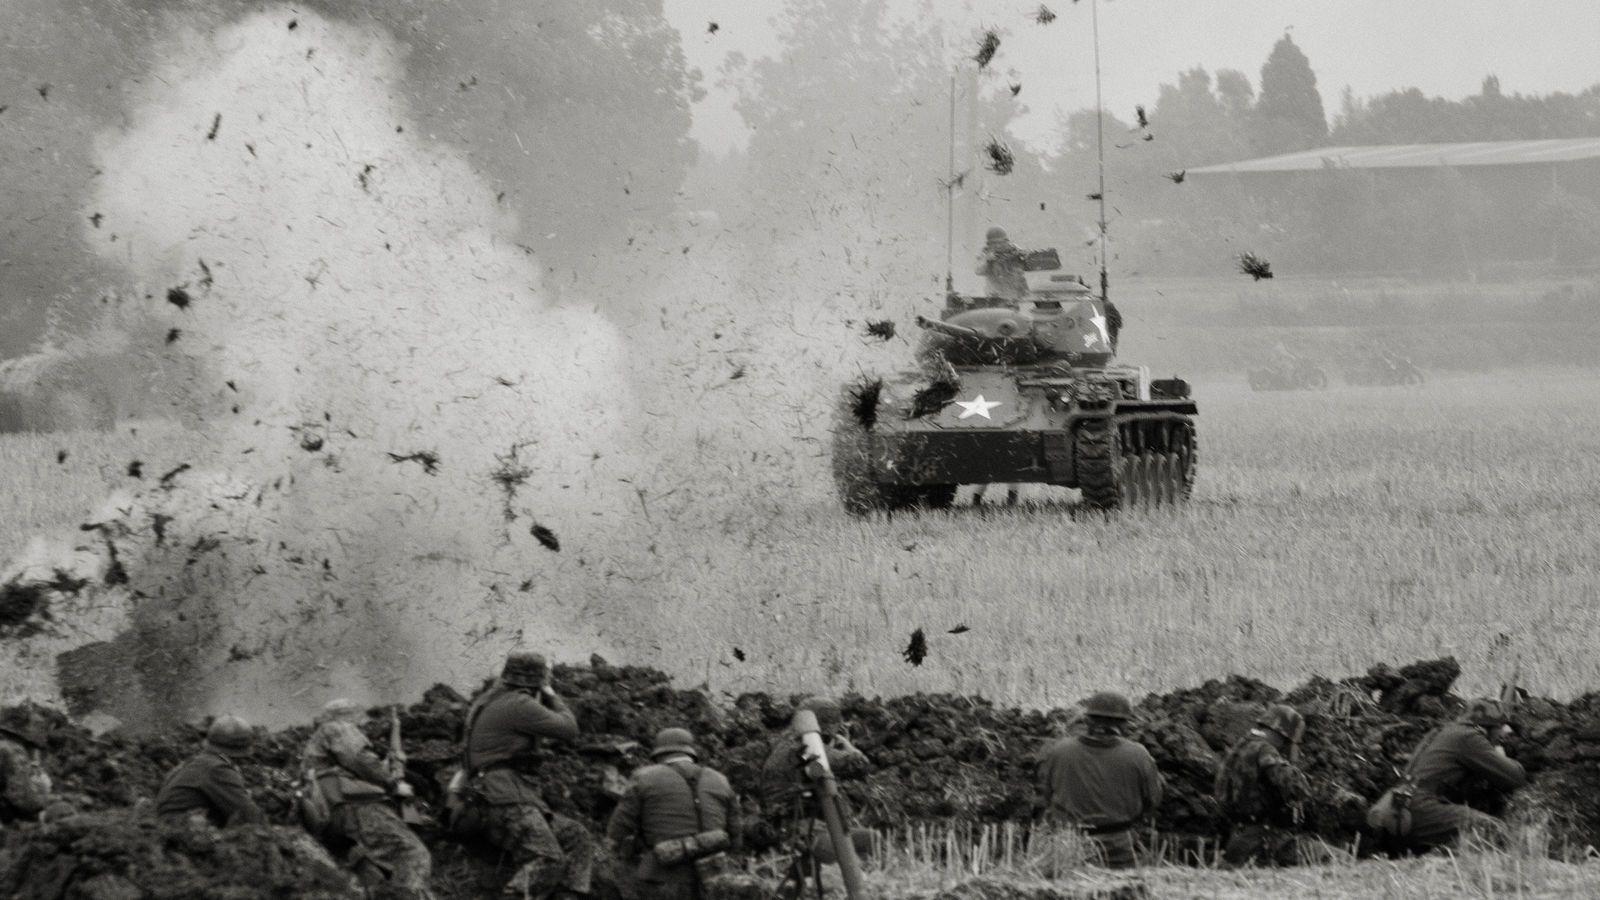 敗戦をヒトラーのせいにした「戦車将軍」のウソ 誇張と自己弁護で巨大化した「伝説」